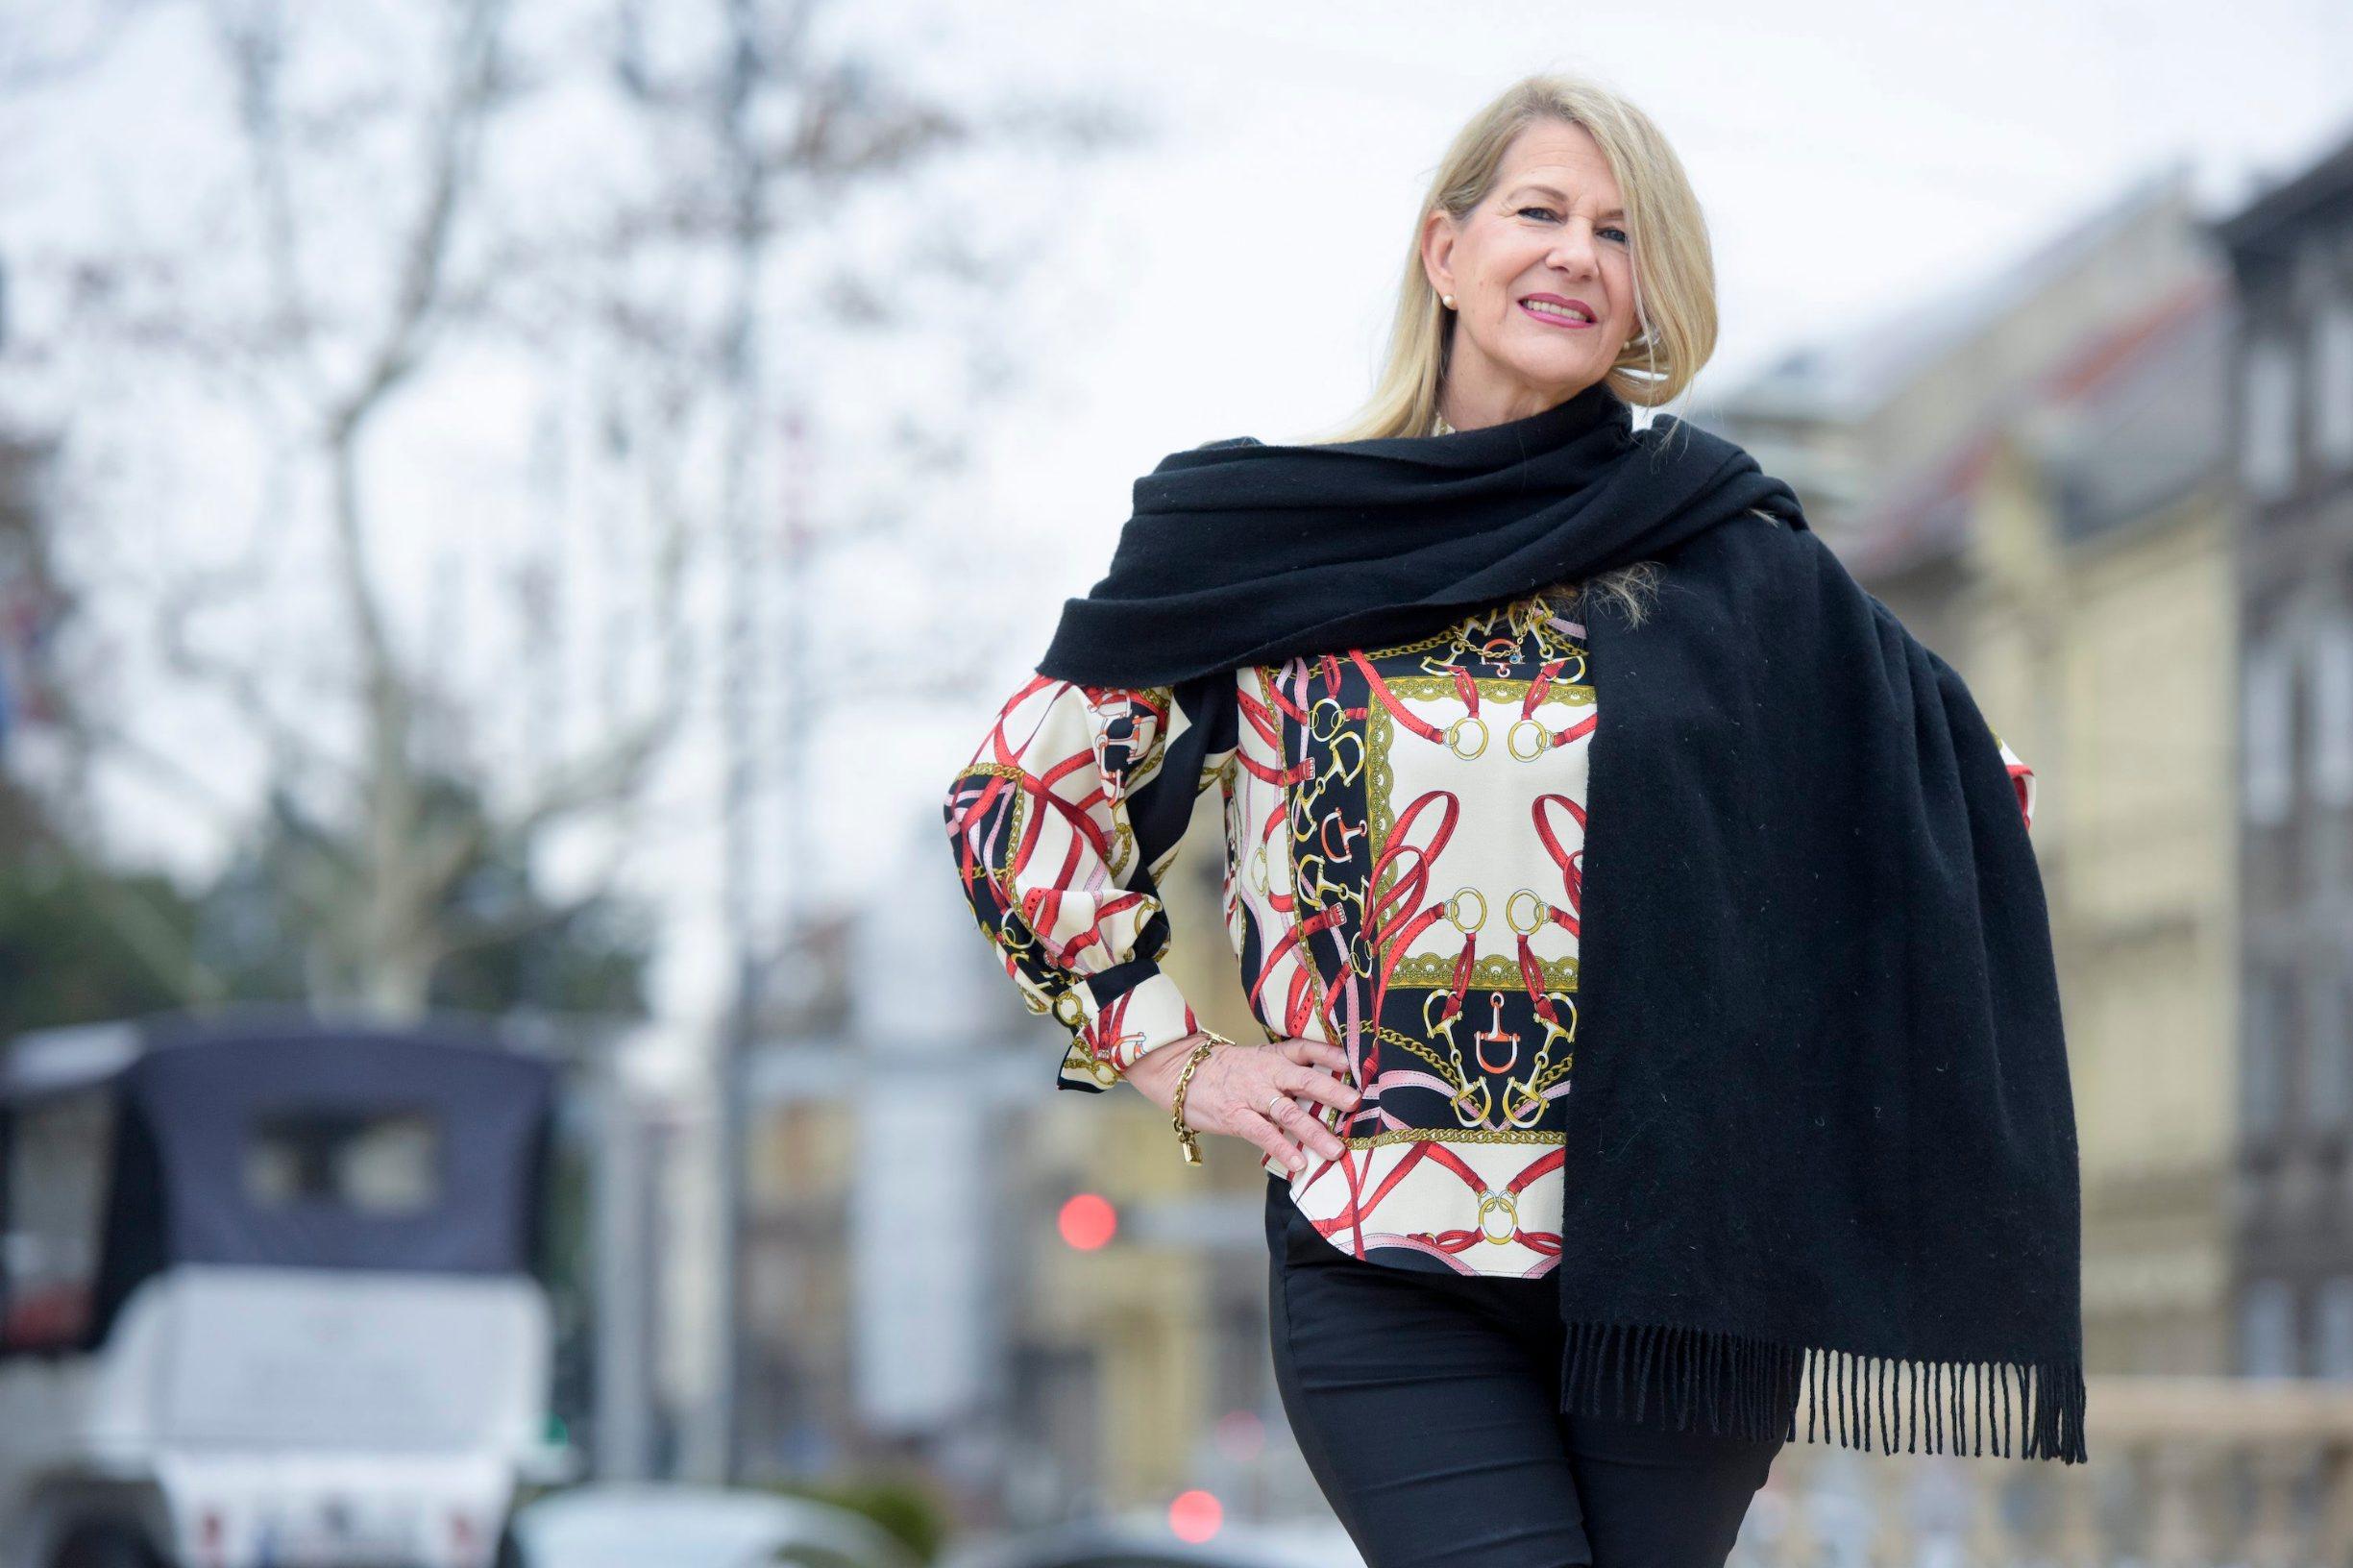 Rika Jean-François, povjerenica za korporativnu društvenu odgovornost najvećeg svjetskog turističkog sajma, berlinskog ITB-a